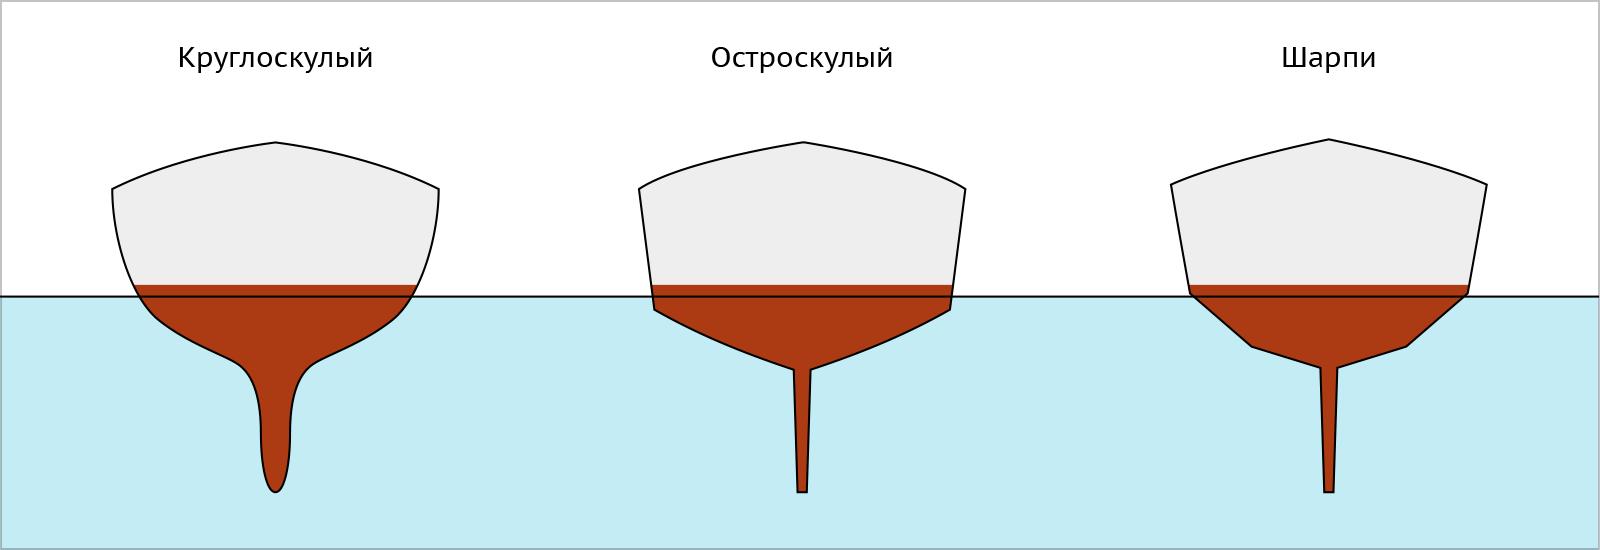 Типы обводов шпангоутов корпуса яхты